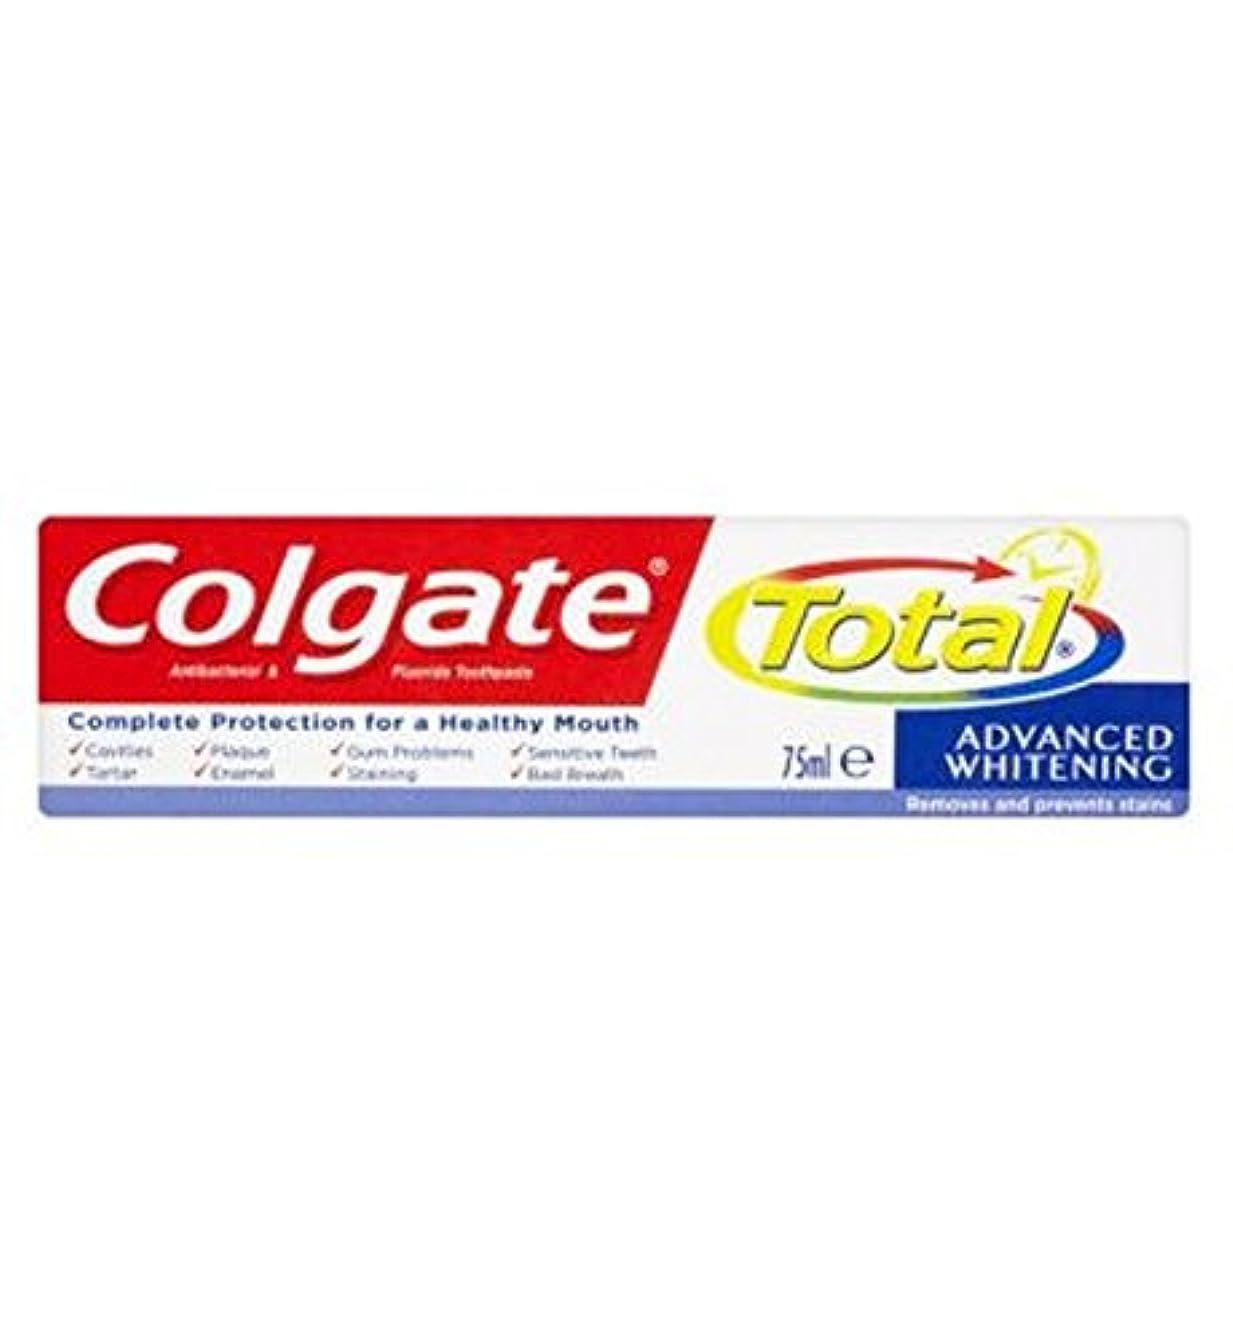 移行不測の事態誤解を招くColgate Total Advanced Whitening toothpaste 75ml - コルゲートトータル高度なホワイトニング歯磨き粉75ミリリットル (Colgate) [並行輸入品]